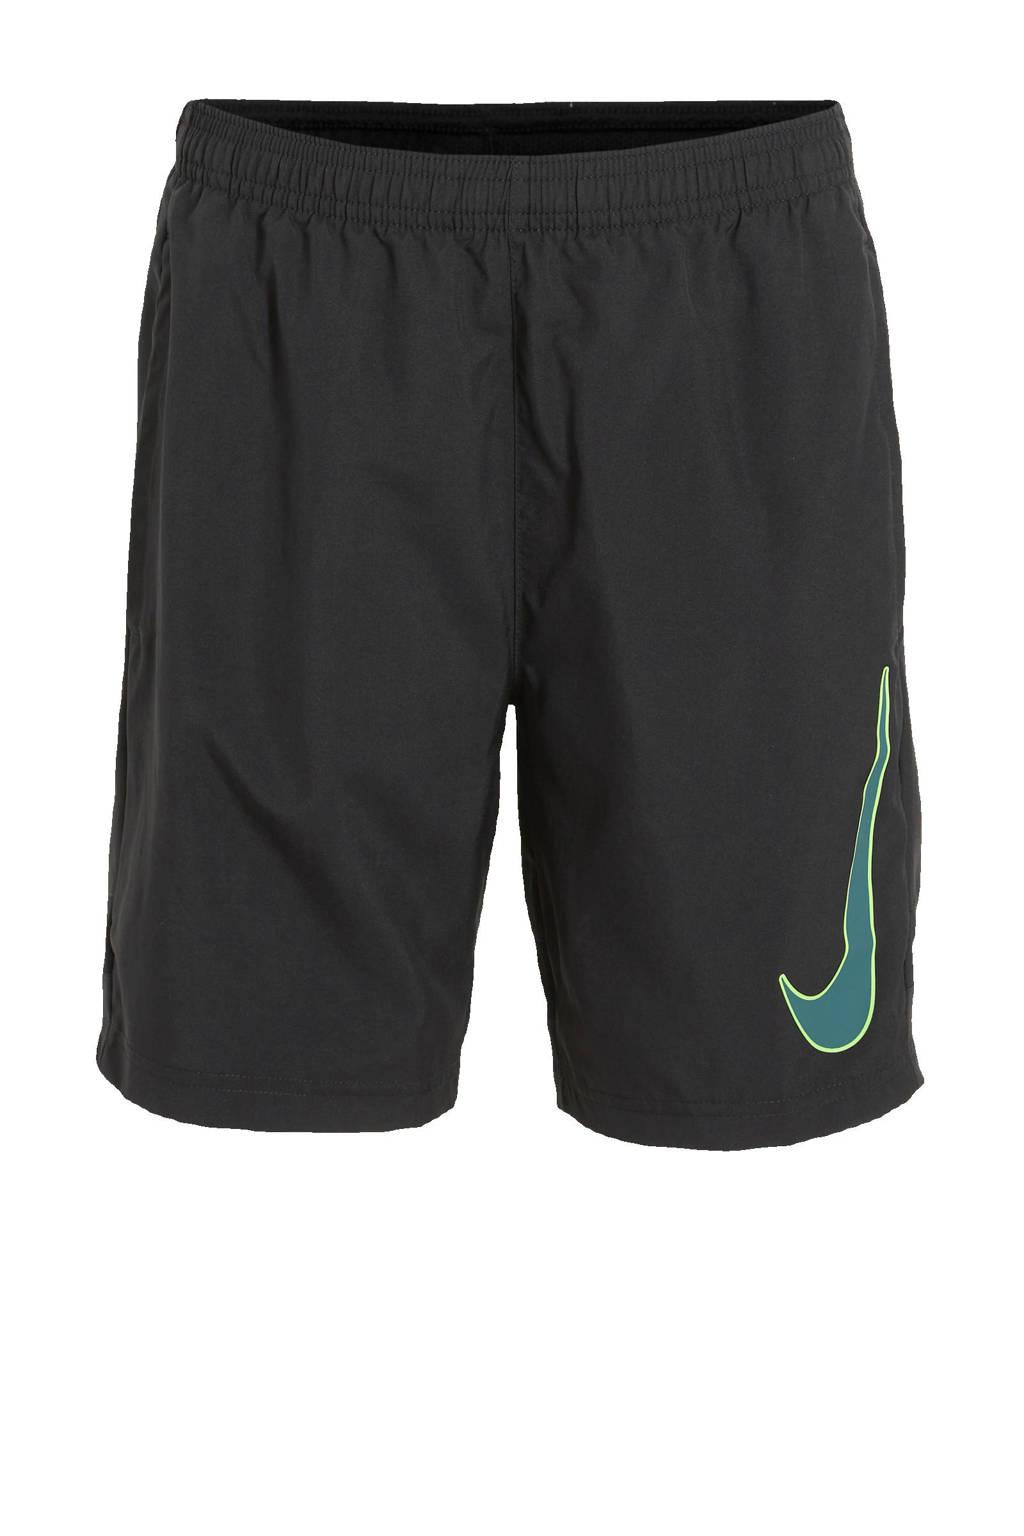 Nike Junior  sportshort zwart/blauw, zwart/zwart/blauw